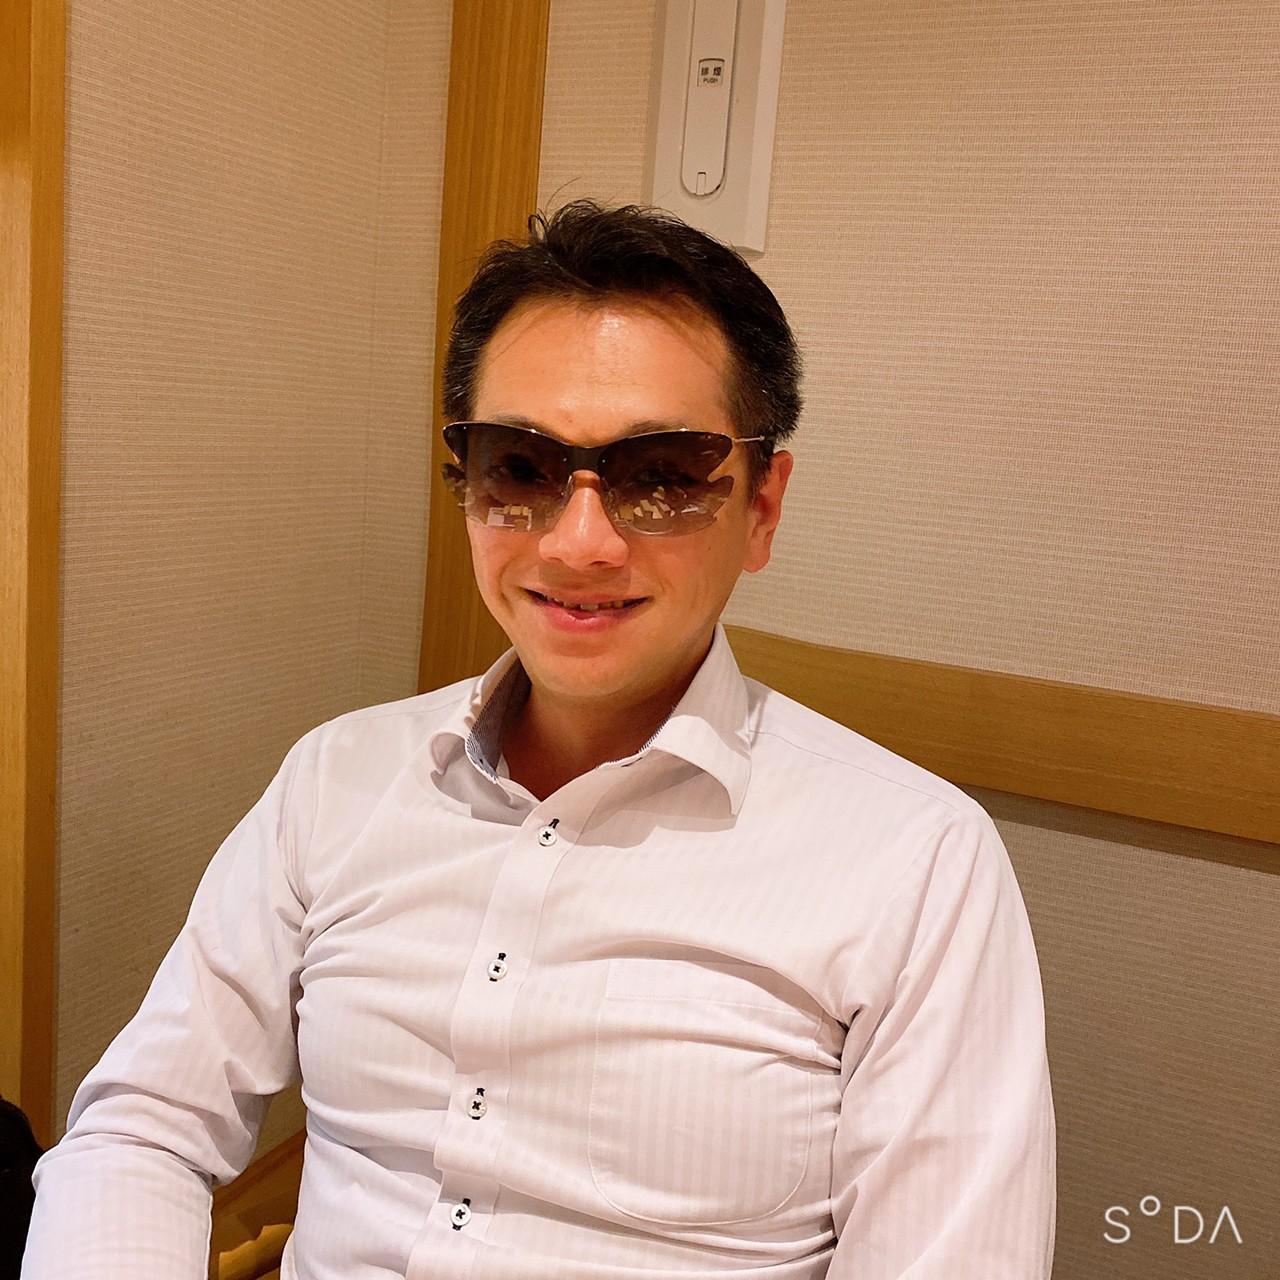 ヴィトンのサングラス